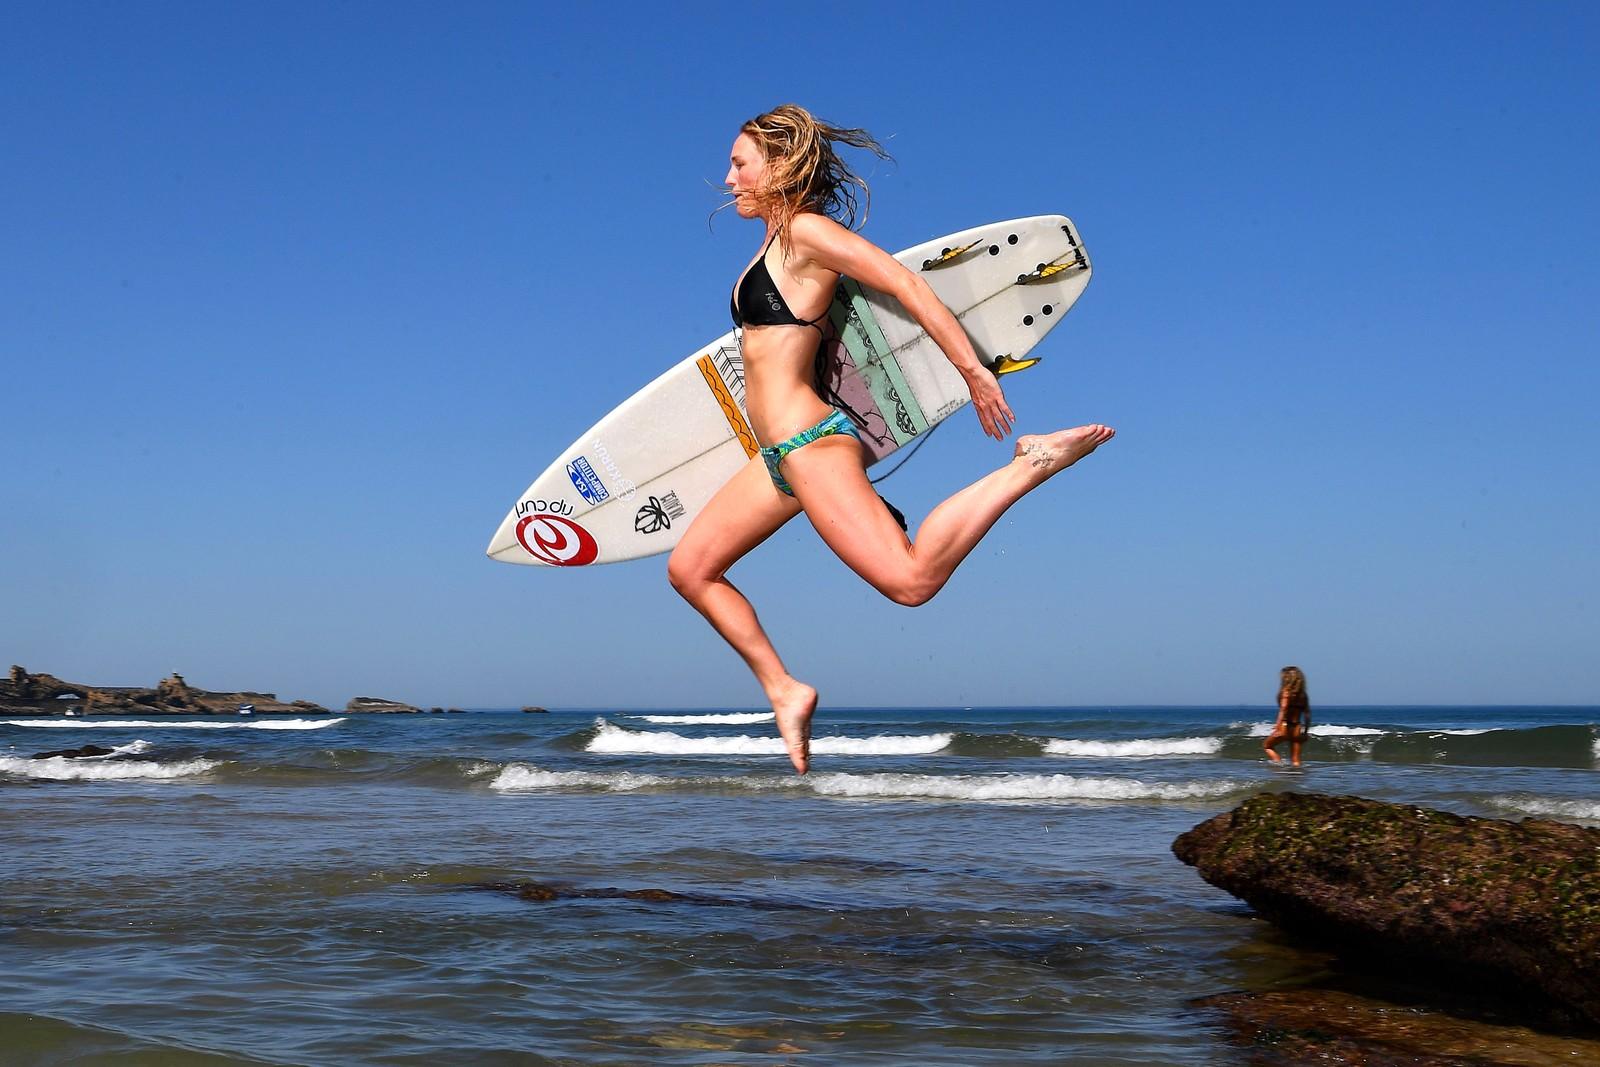 """Den svenske proffsurferen Maria Petersson er en av mange atleter fra 40 land som nå er samlet for å konkurrere i """"ISA World Surfing Games"""" i Biarritz i Frankrike. Peterson har blant annet hatt base i Lofoten hvor hun har trent i de kalde bølgene."""